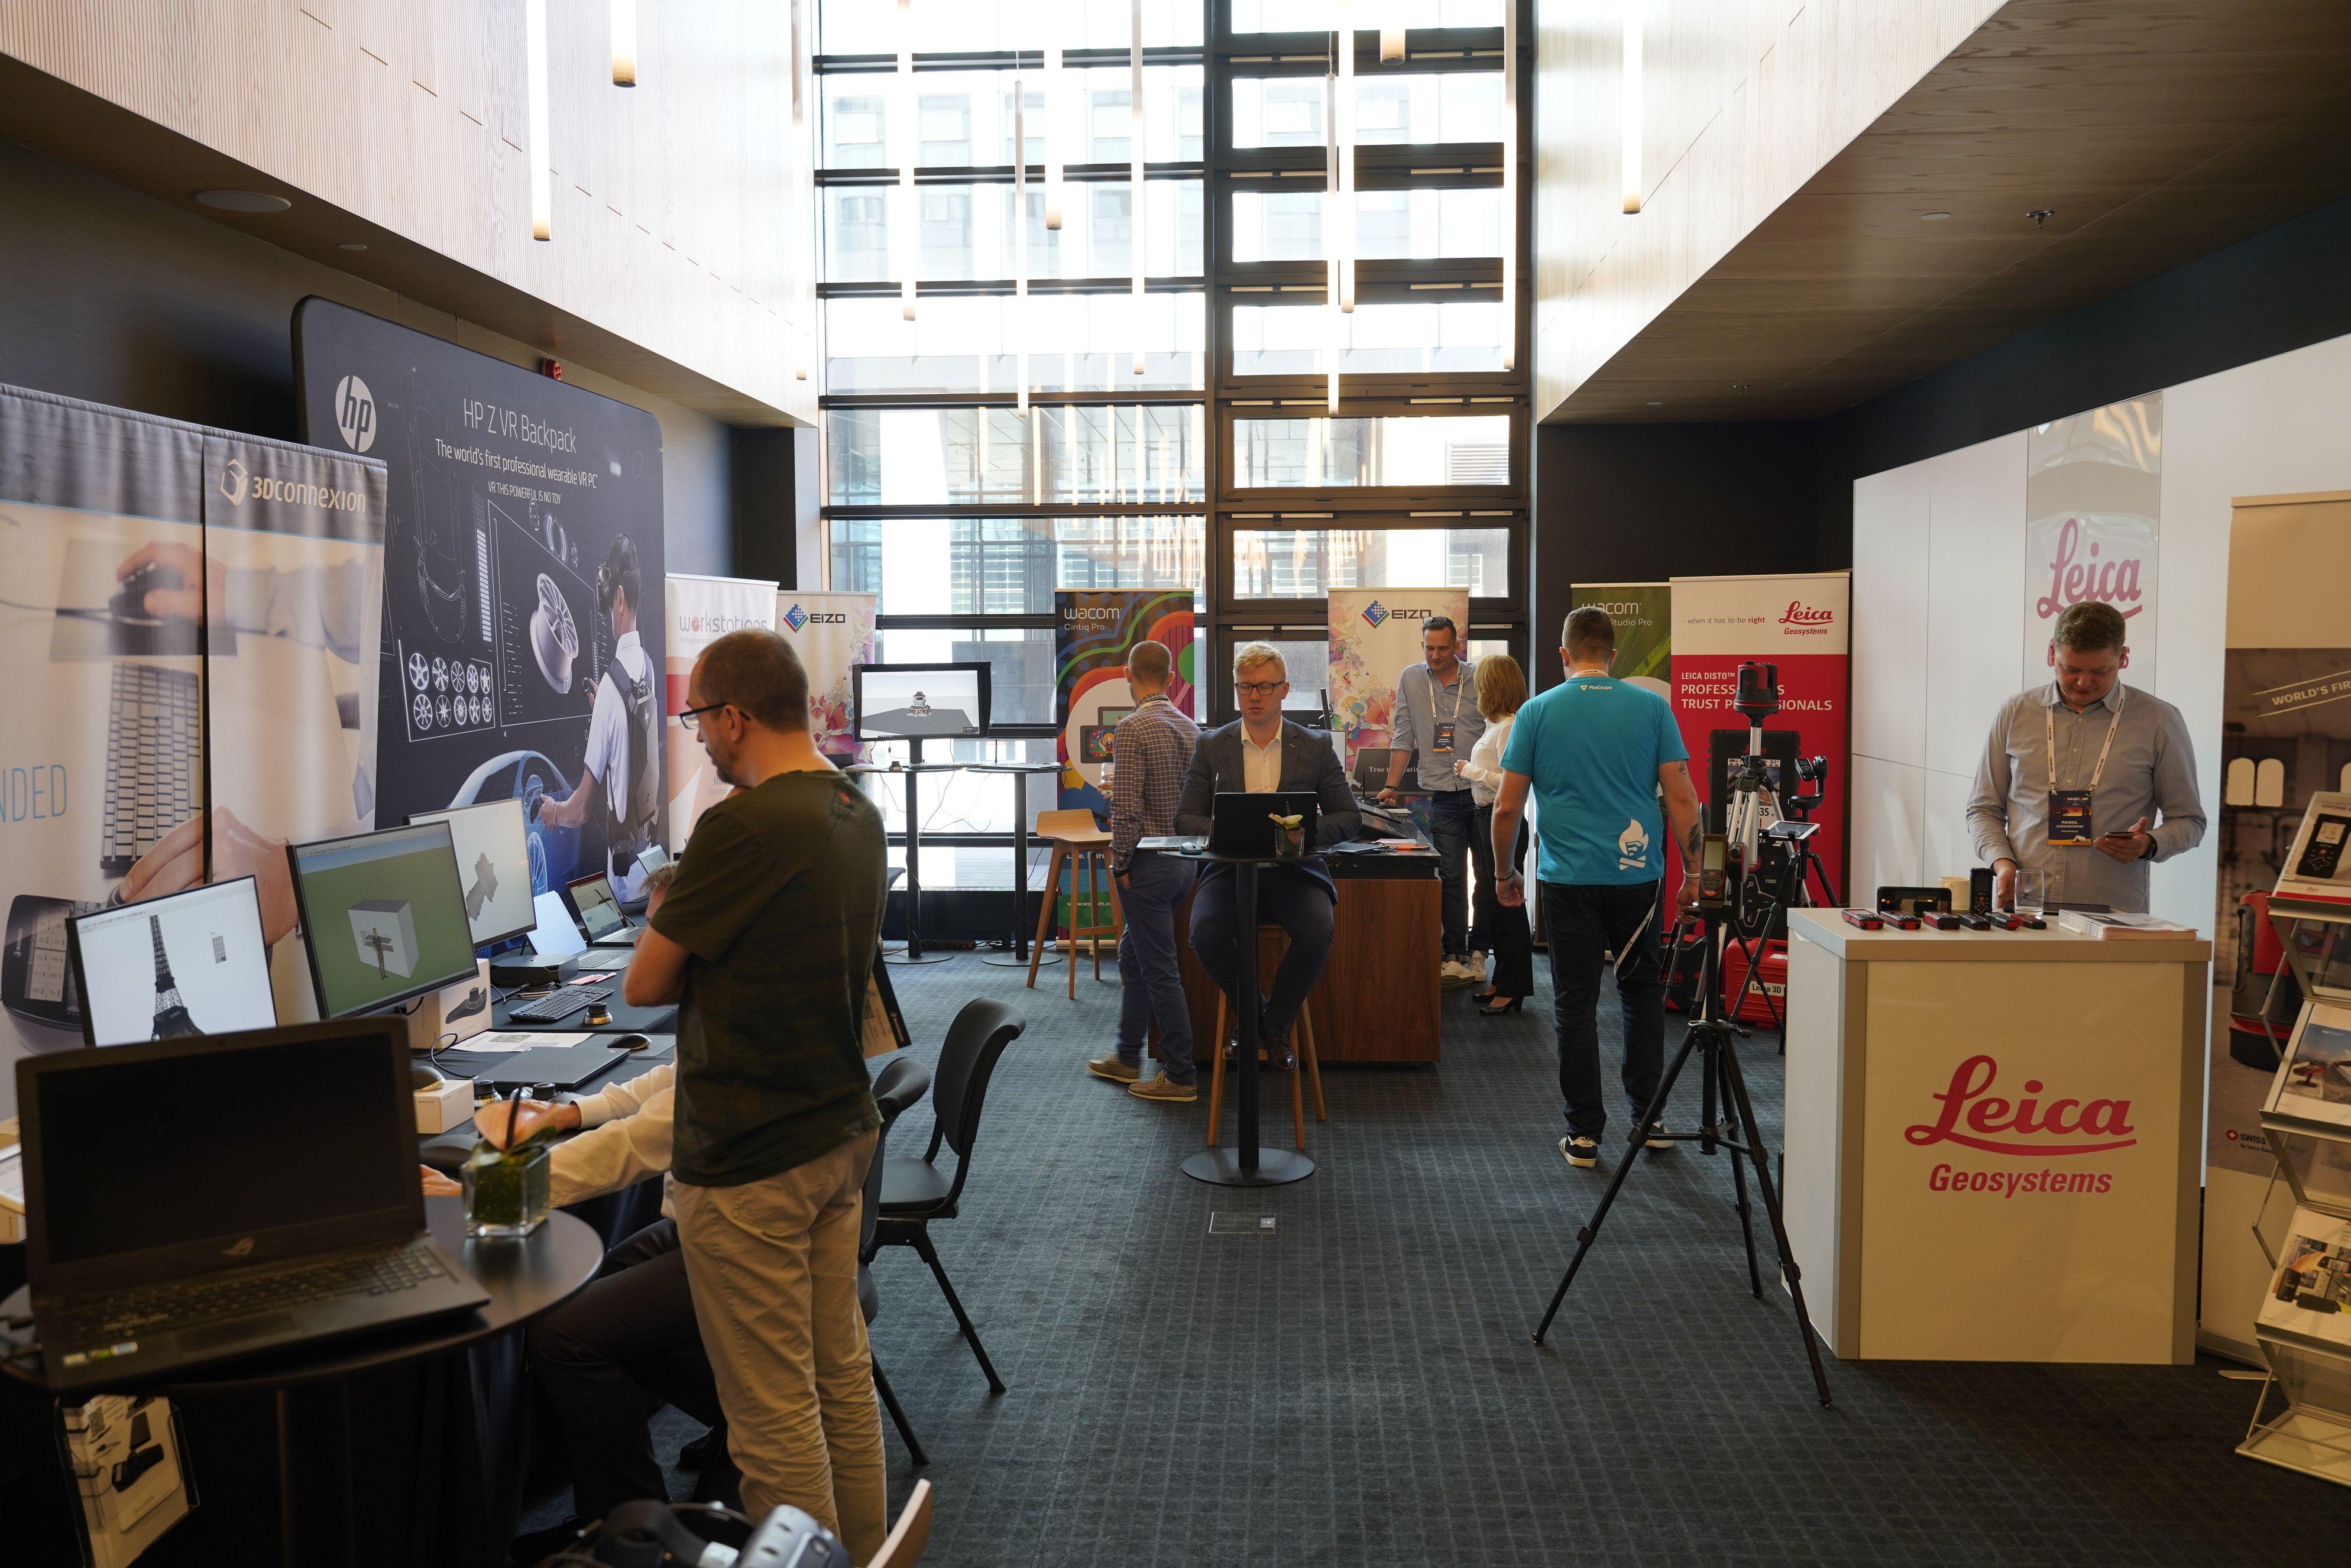 Na stoiskach producentów uczestnicy 3D Basecamp mogli zapoznać się m.in. najnowszymi technologiami wspierającymi proces projektowy.